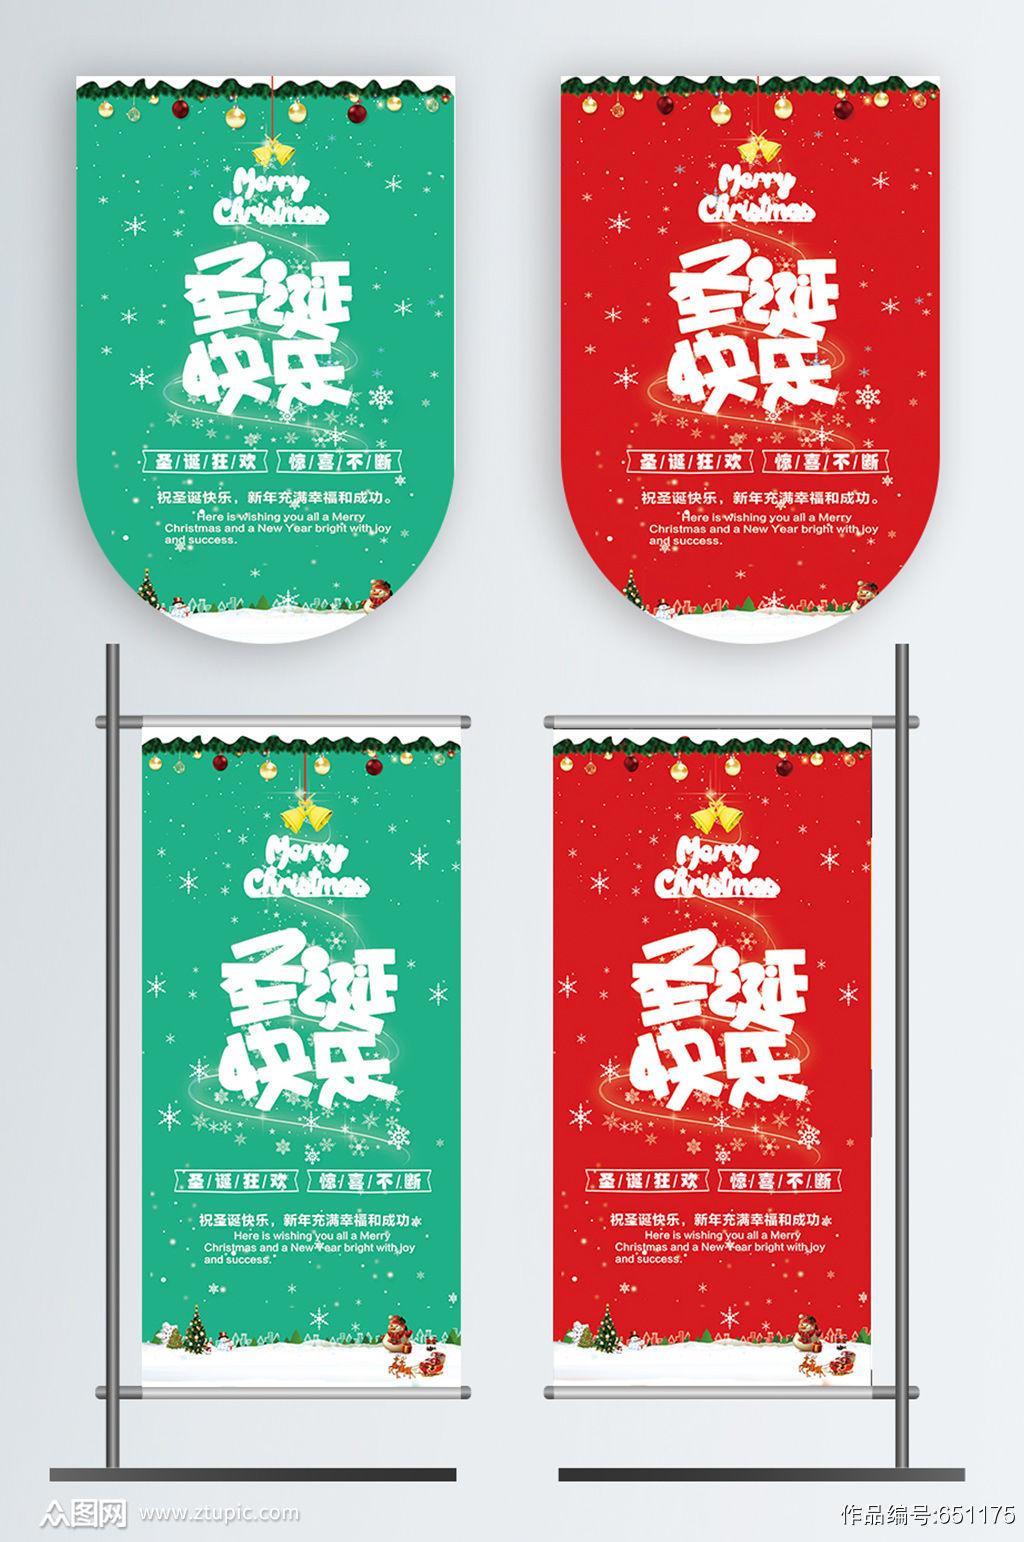 圣诞节氛围热点道旗吊旗素材